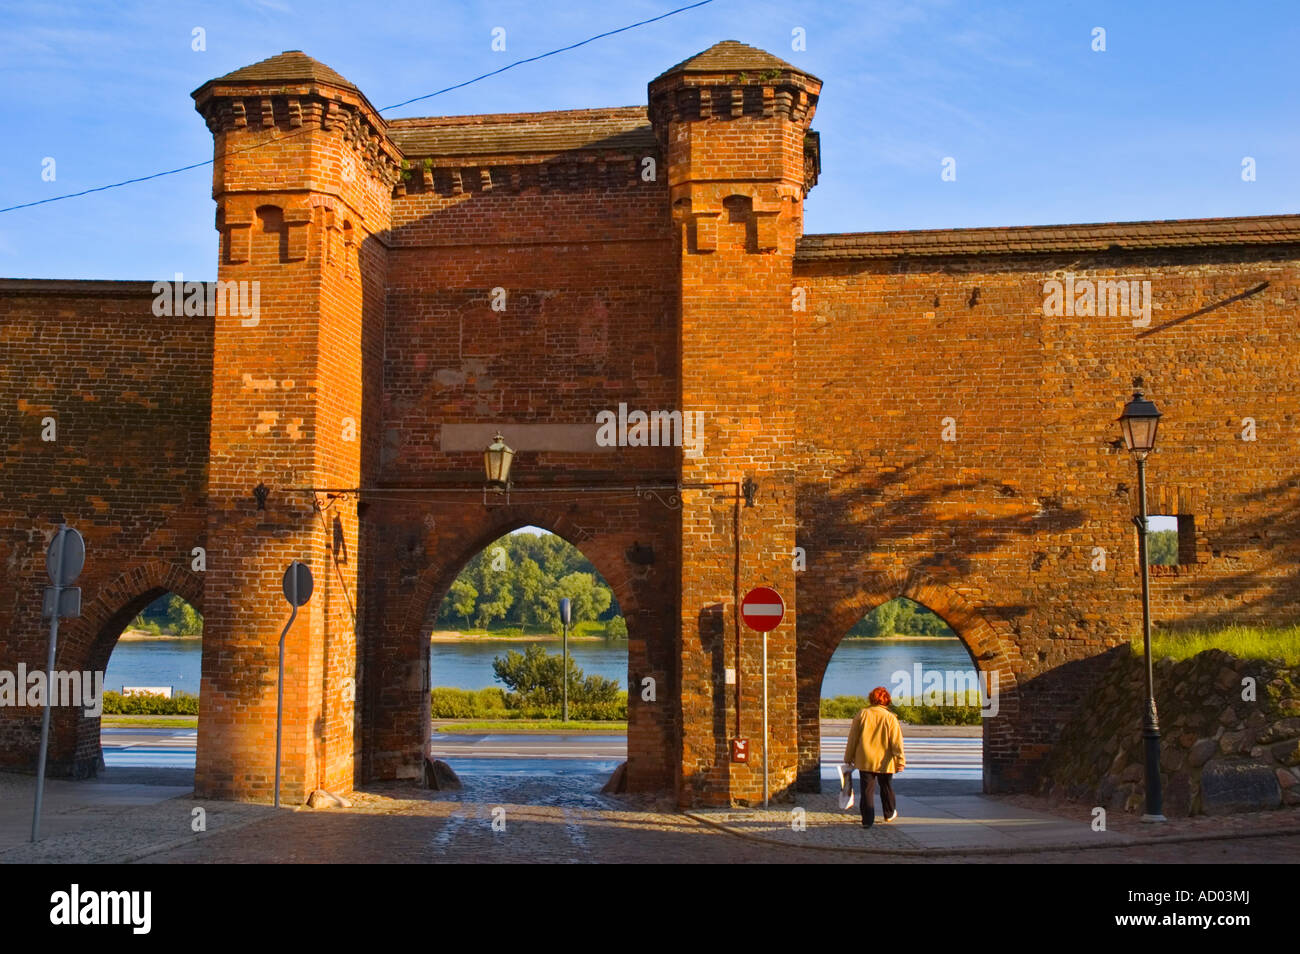 Puerta del monasterio en la ciudad vieja, en el centro de Torun, Polonia UE Imagen De Stock